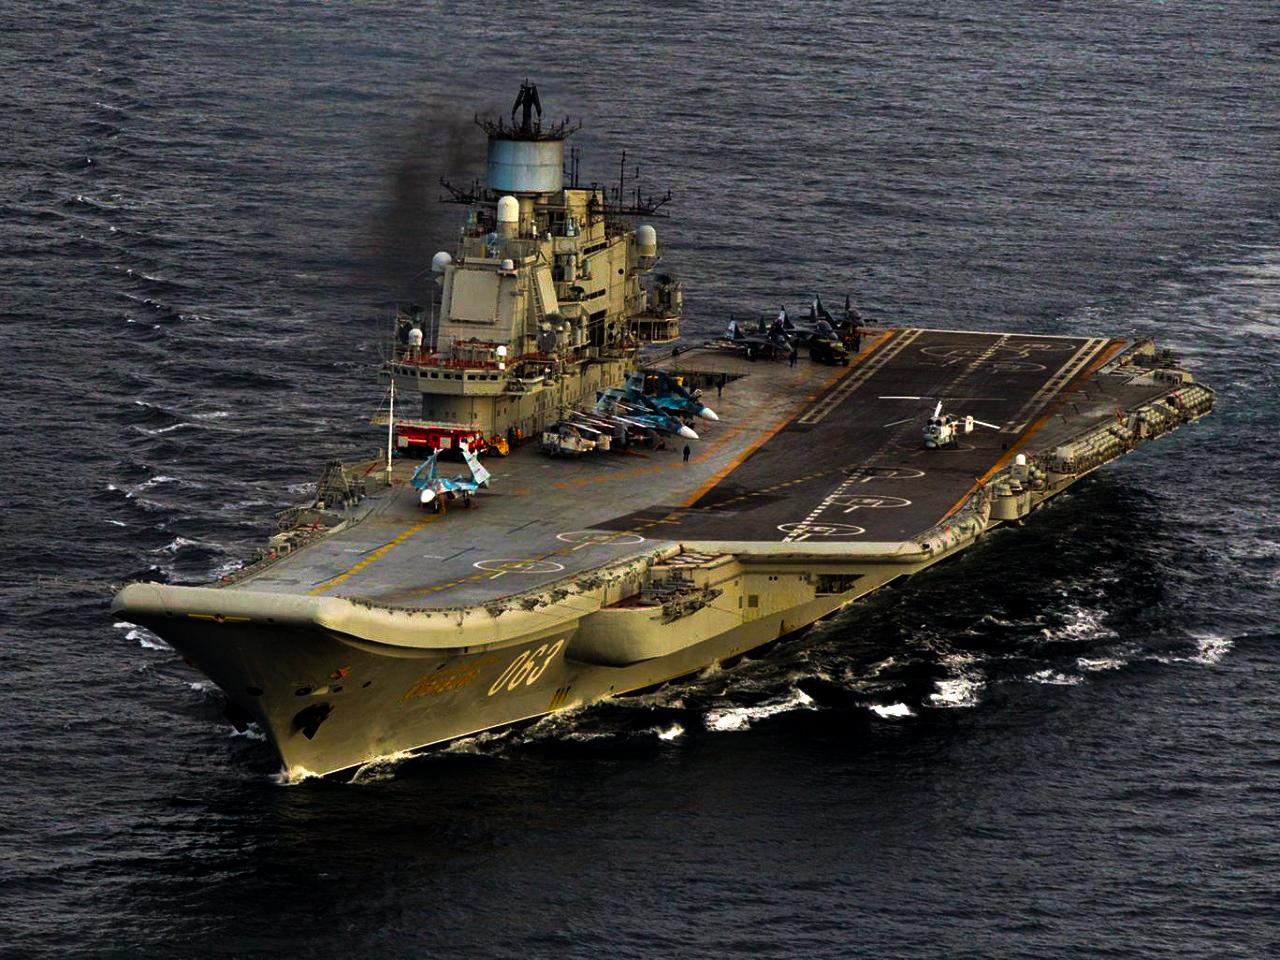 картинки российских авианосцев эту информацию